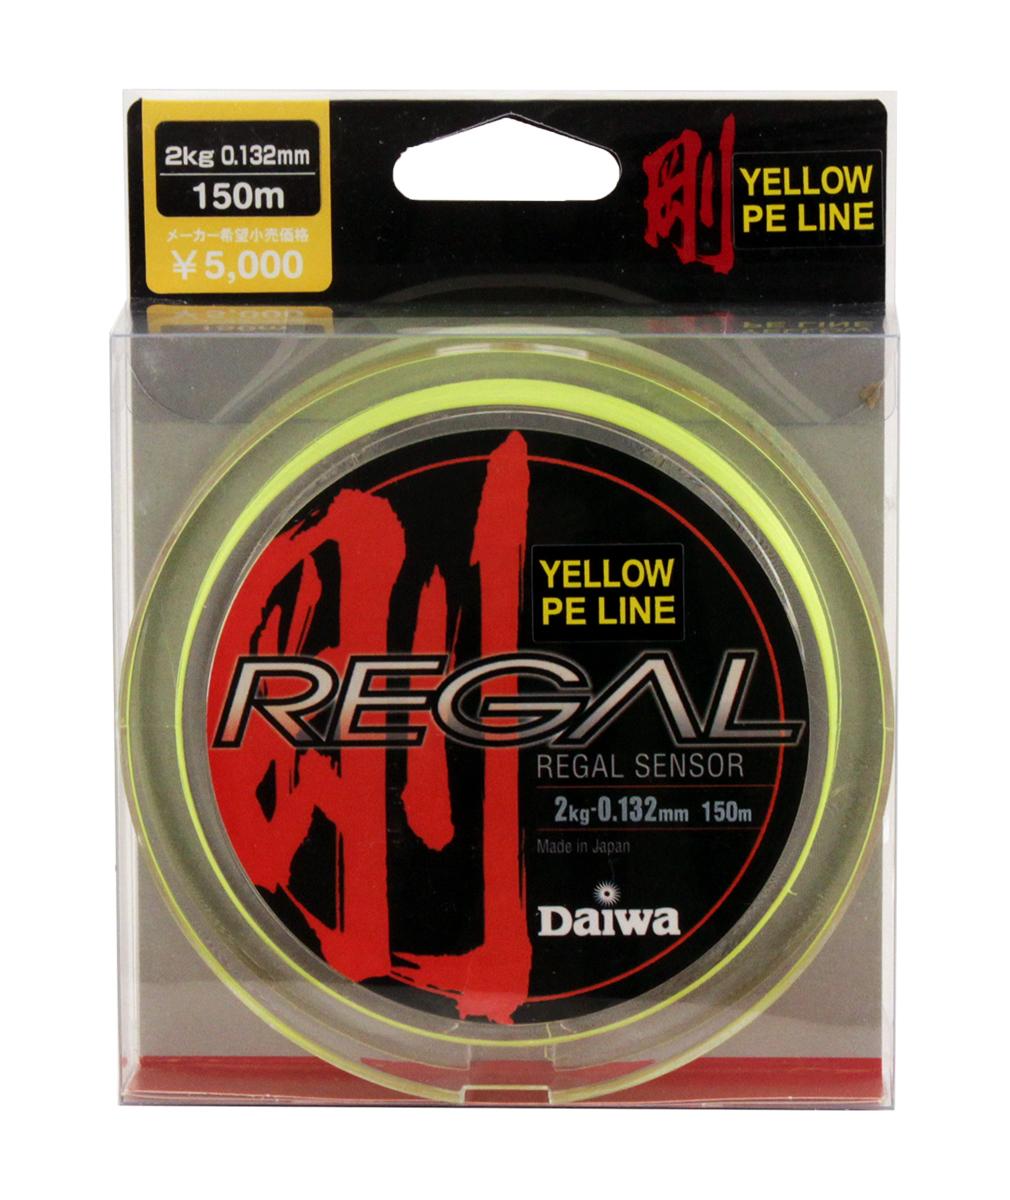 Леска плетеная Daiwa Regal Sensor, цвет: желтый, 0,132 мм, 150 м